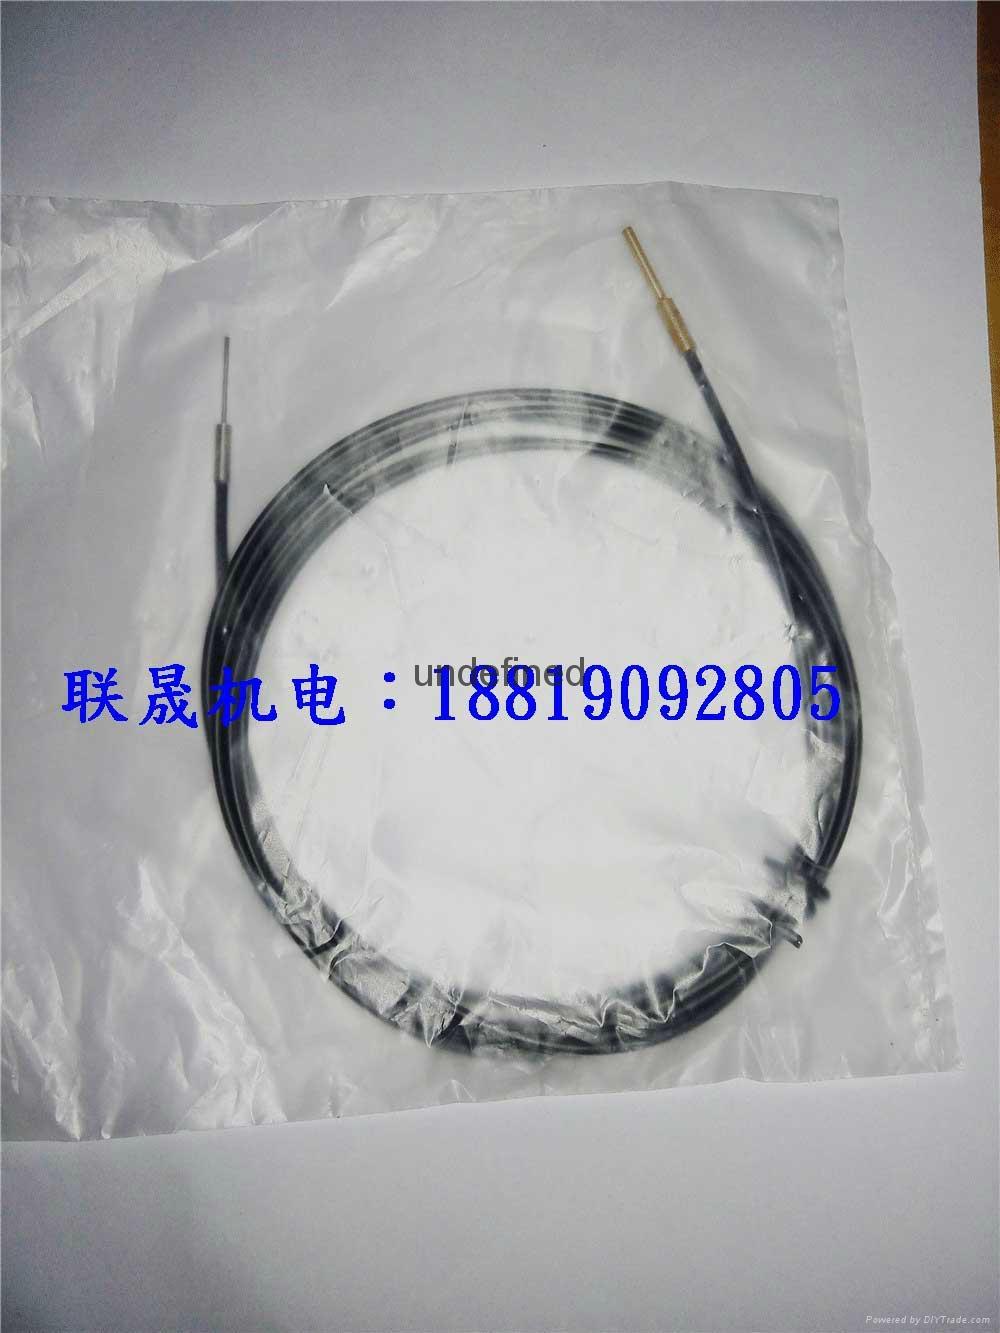 東台鑽機測針光纖ES2-32-15供應 3